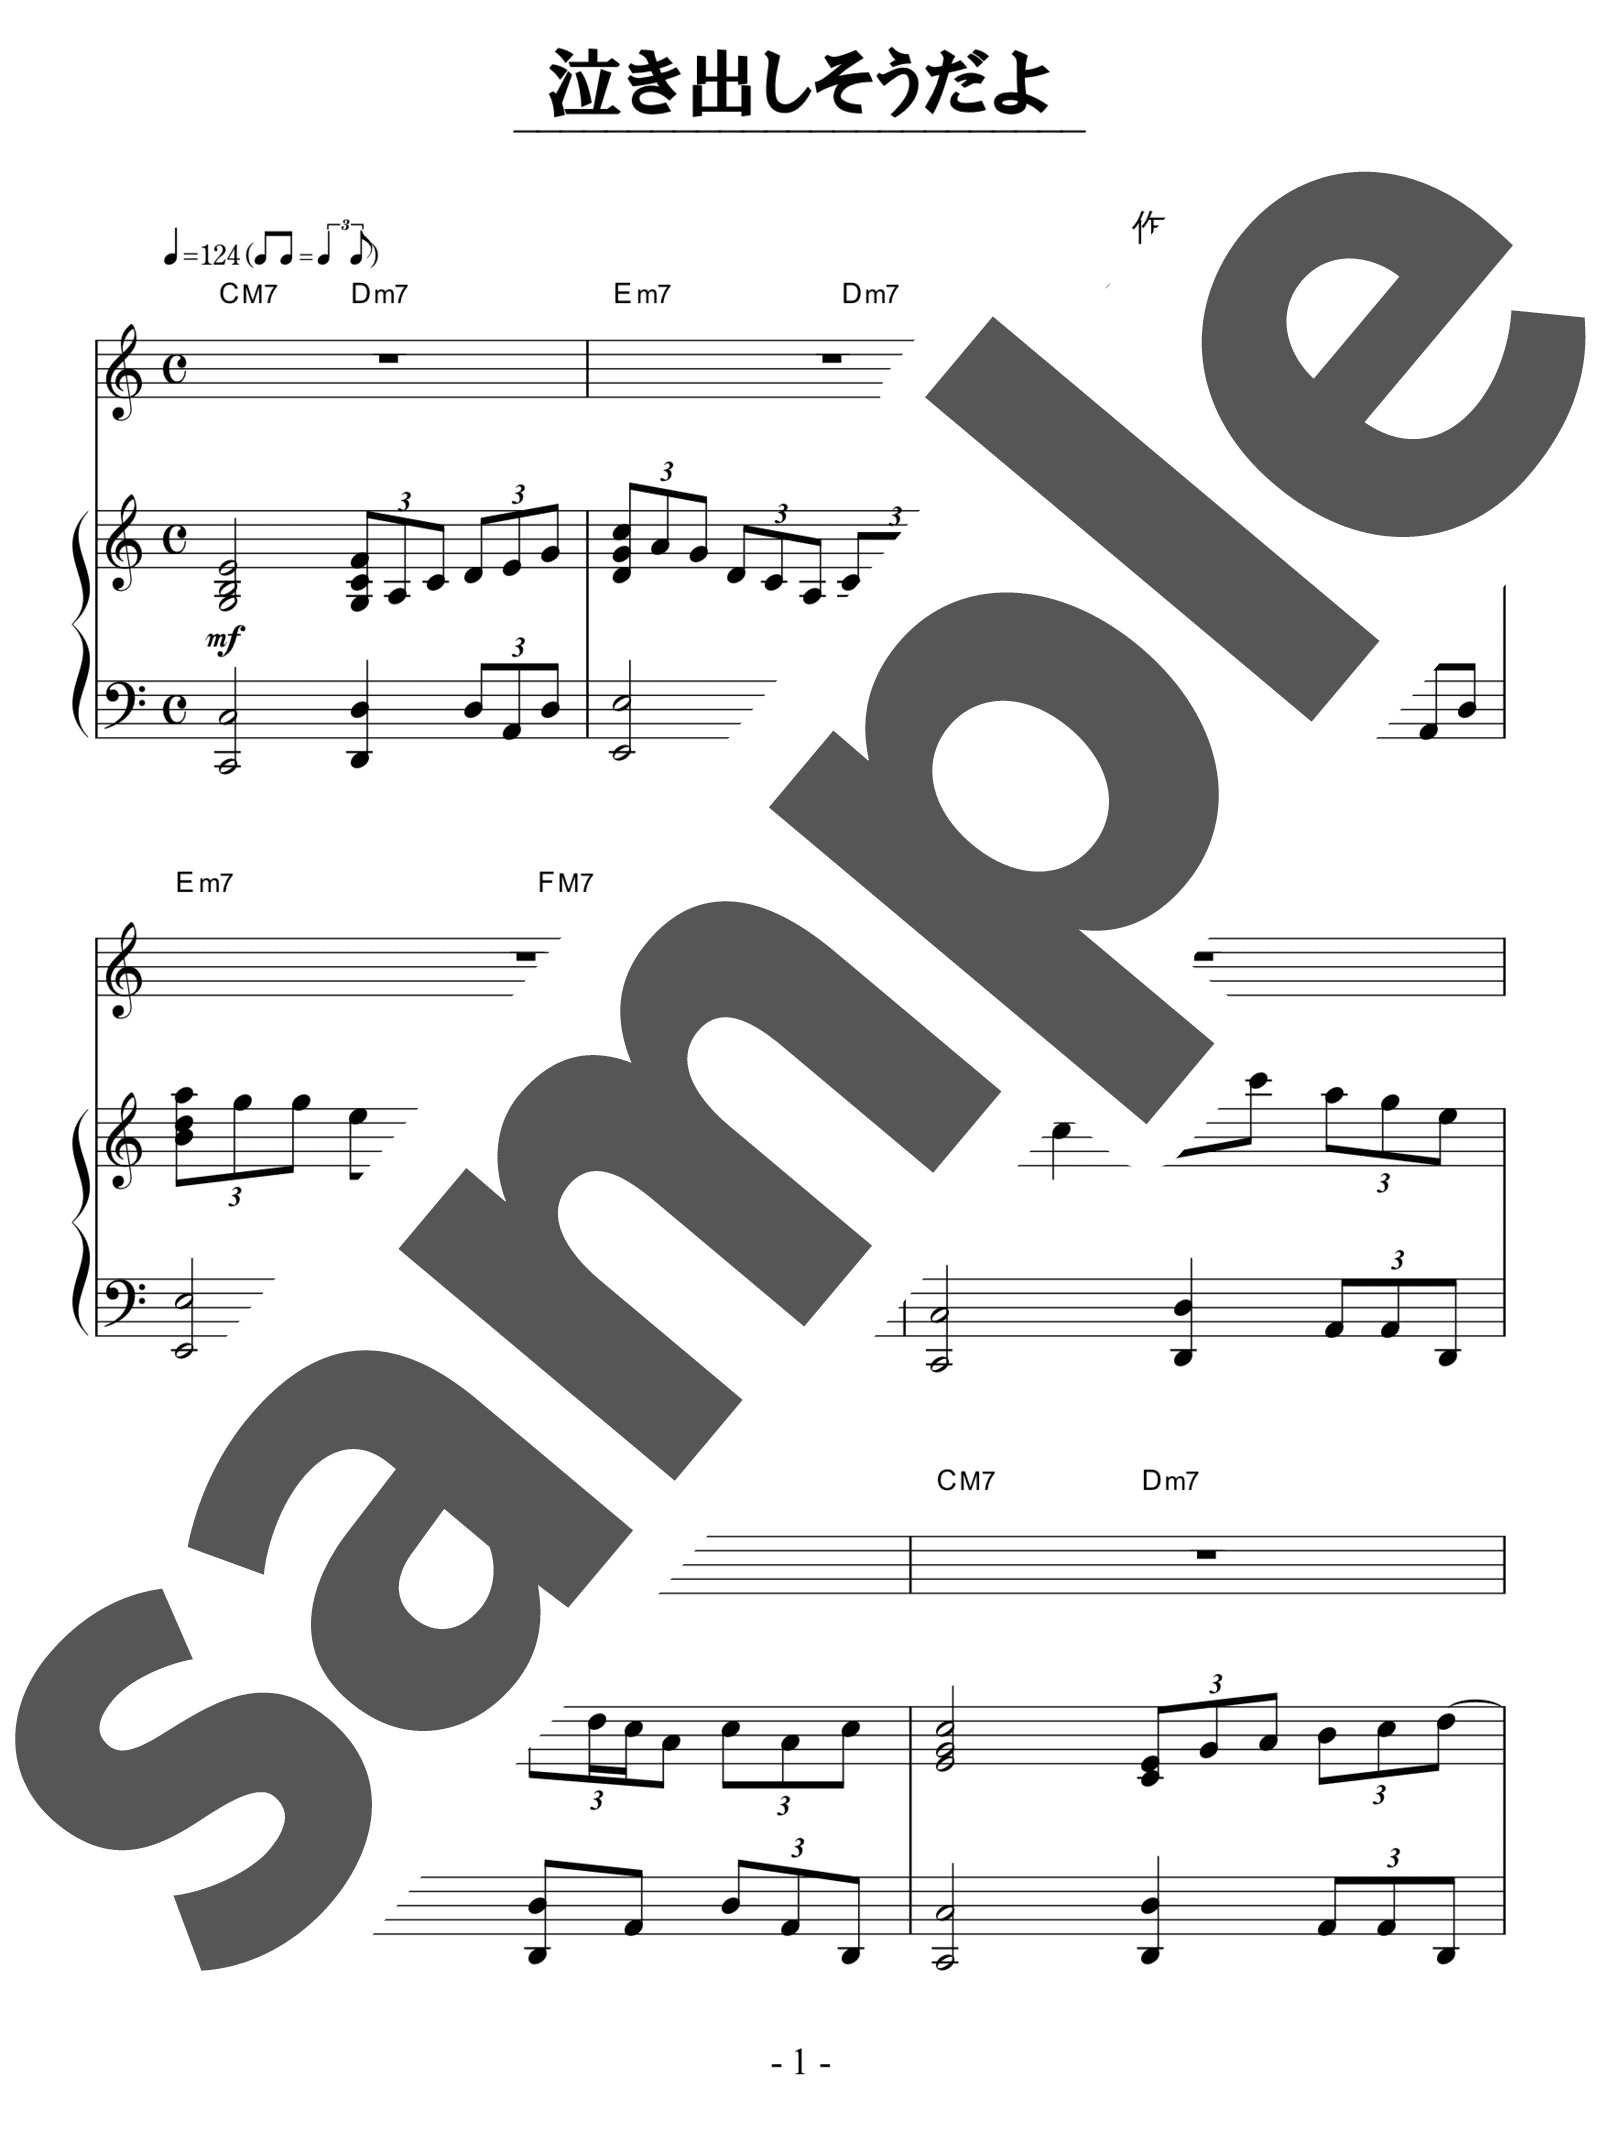 「泣き出しそうだよ」のサンプル楽譜